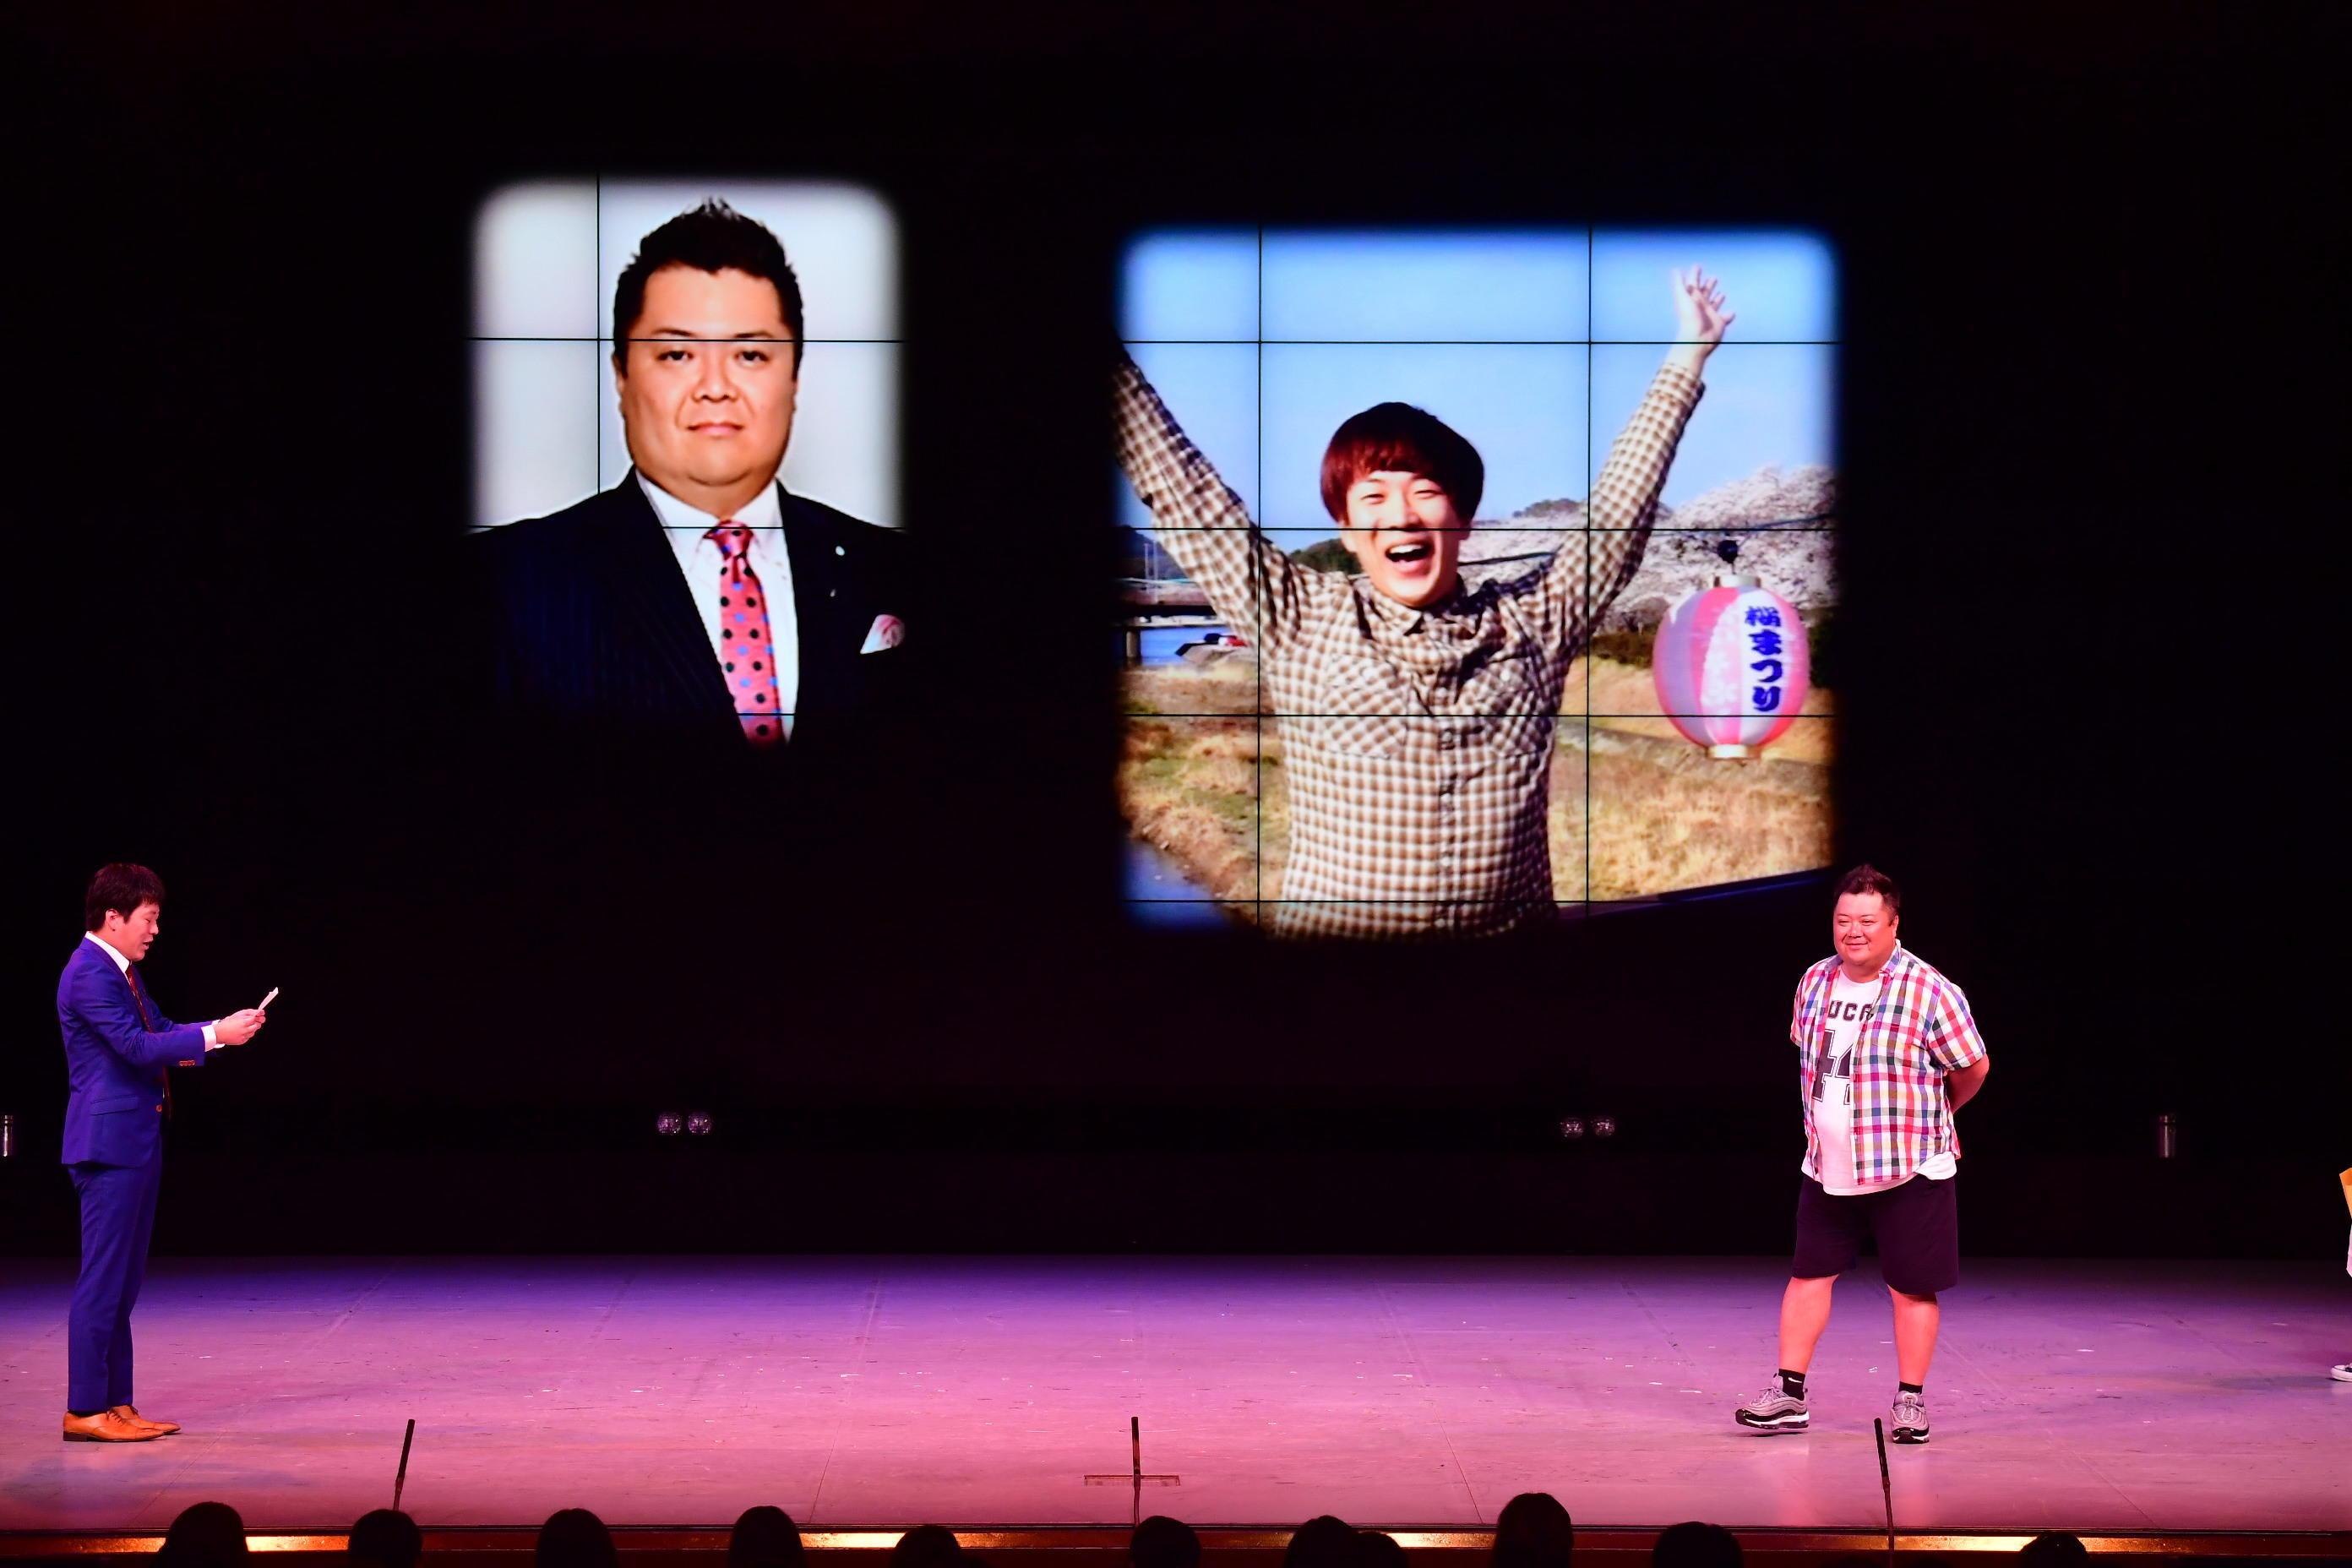 http://news.yoshimoto.co.jp/20180829234959-9778e9b045b3a5716406f747ab3a01a3bf96758c.jpg